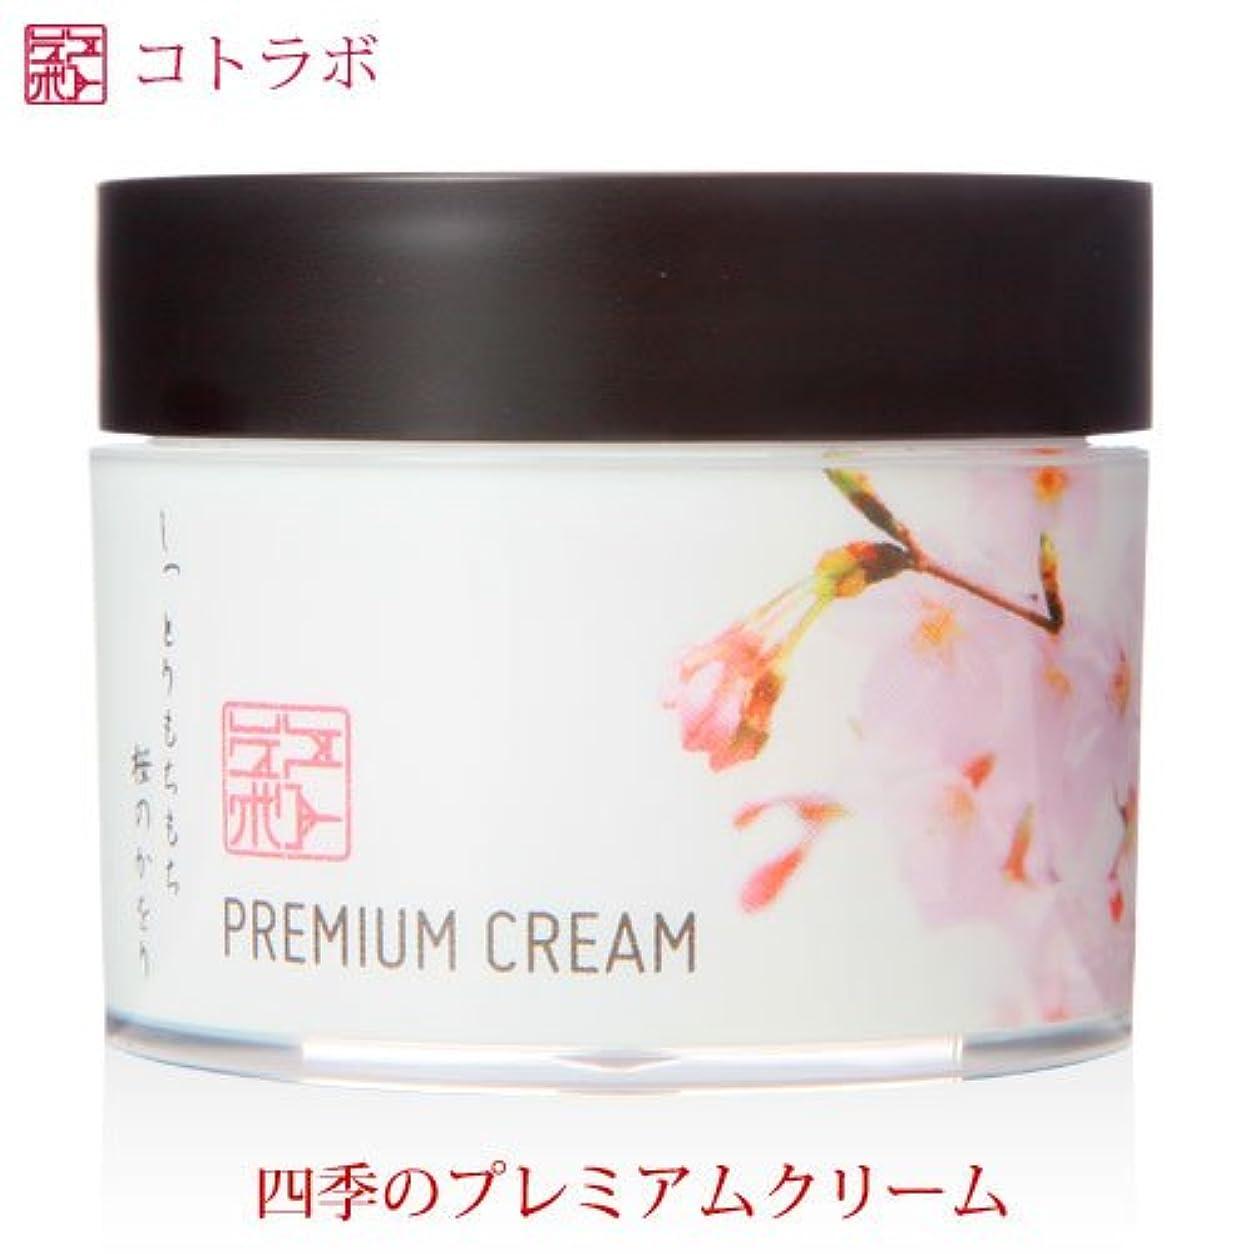 曖昧な脅威文庫本コトラボ 四季のプレミアムクリーム春桜の香り50g